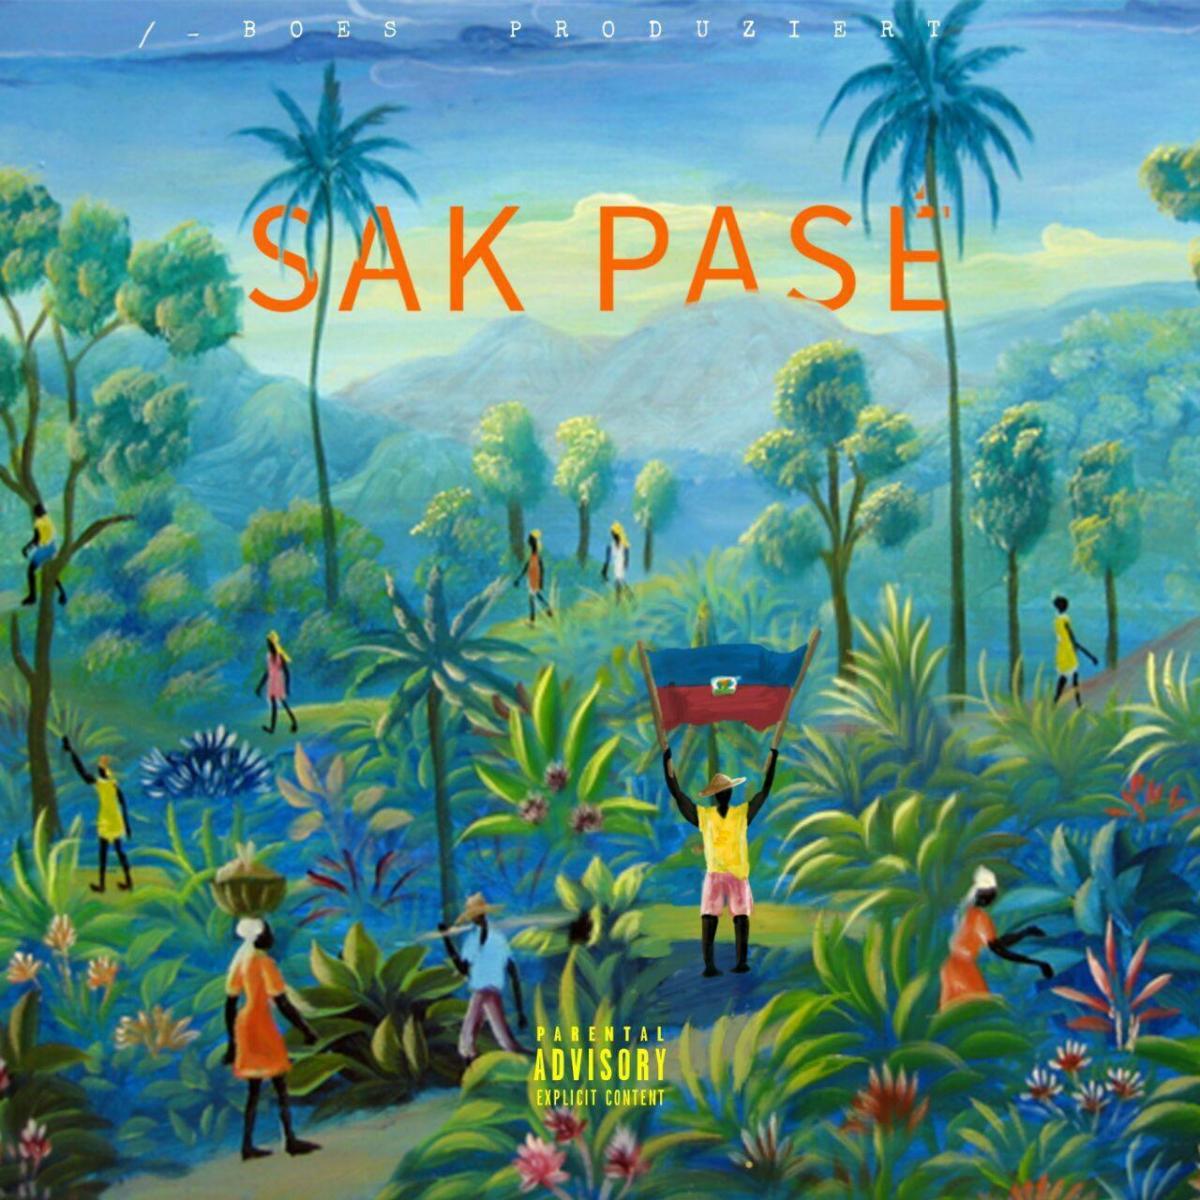 Upcoming: Essay - Sak Pasé